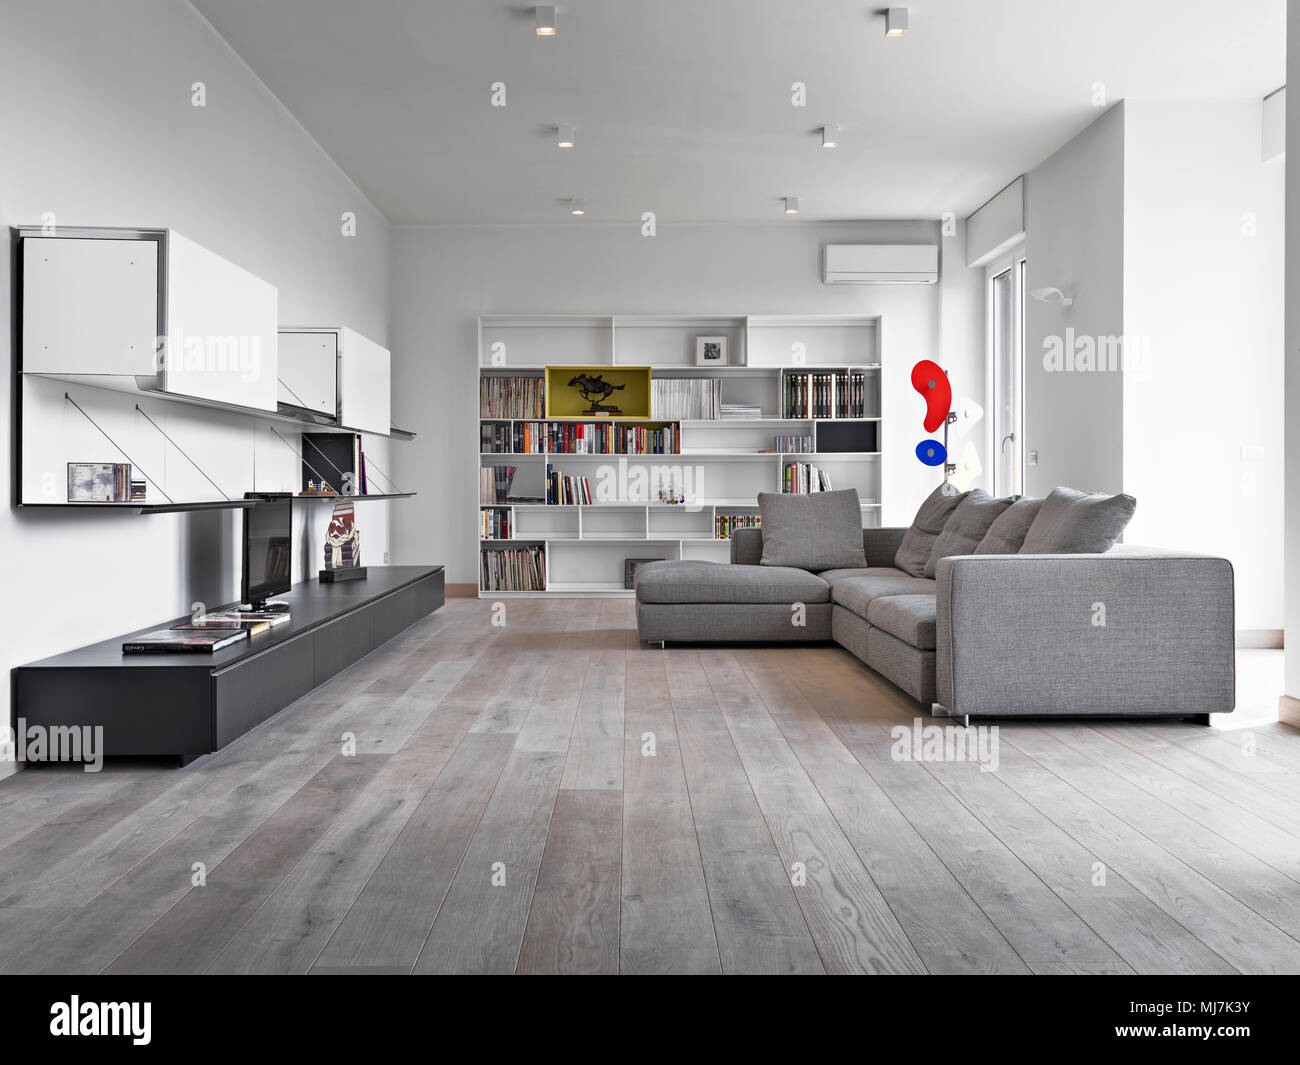 Scatti di interni di un soggiorno moderno con tessuto for Immagini soggiorno moderno